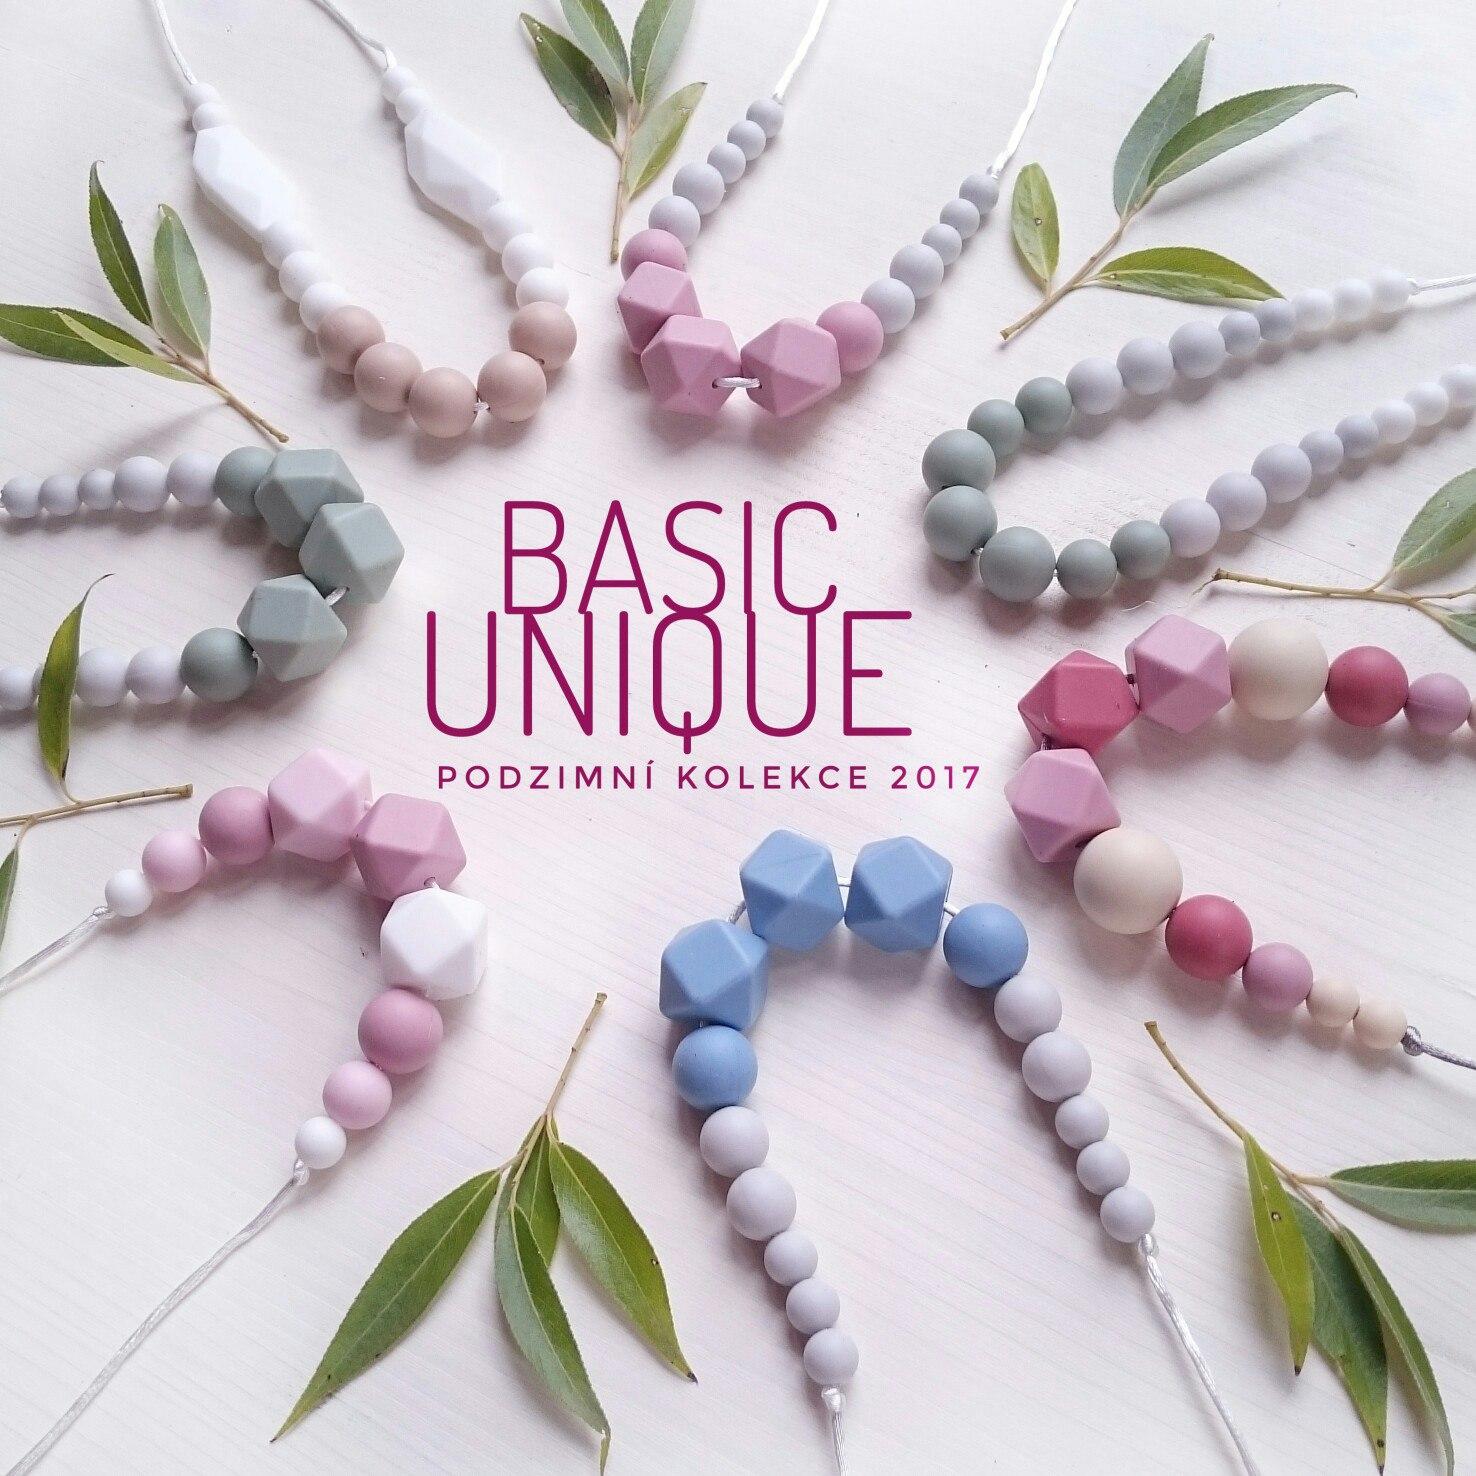 Basic Unique